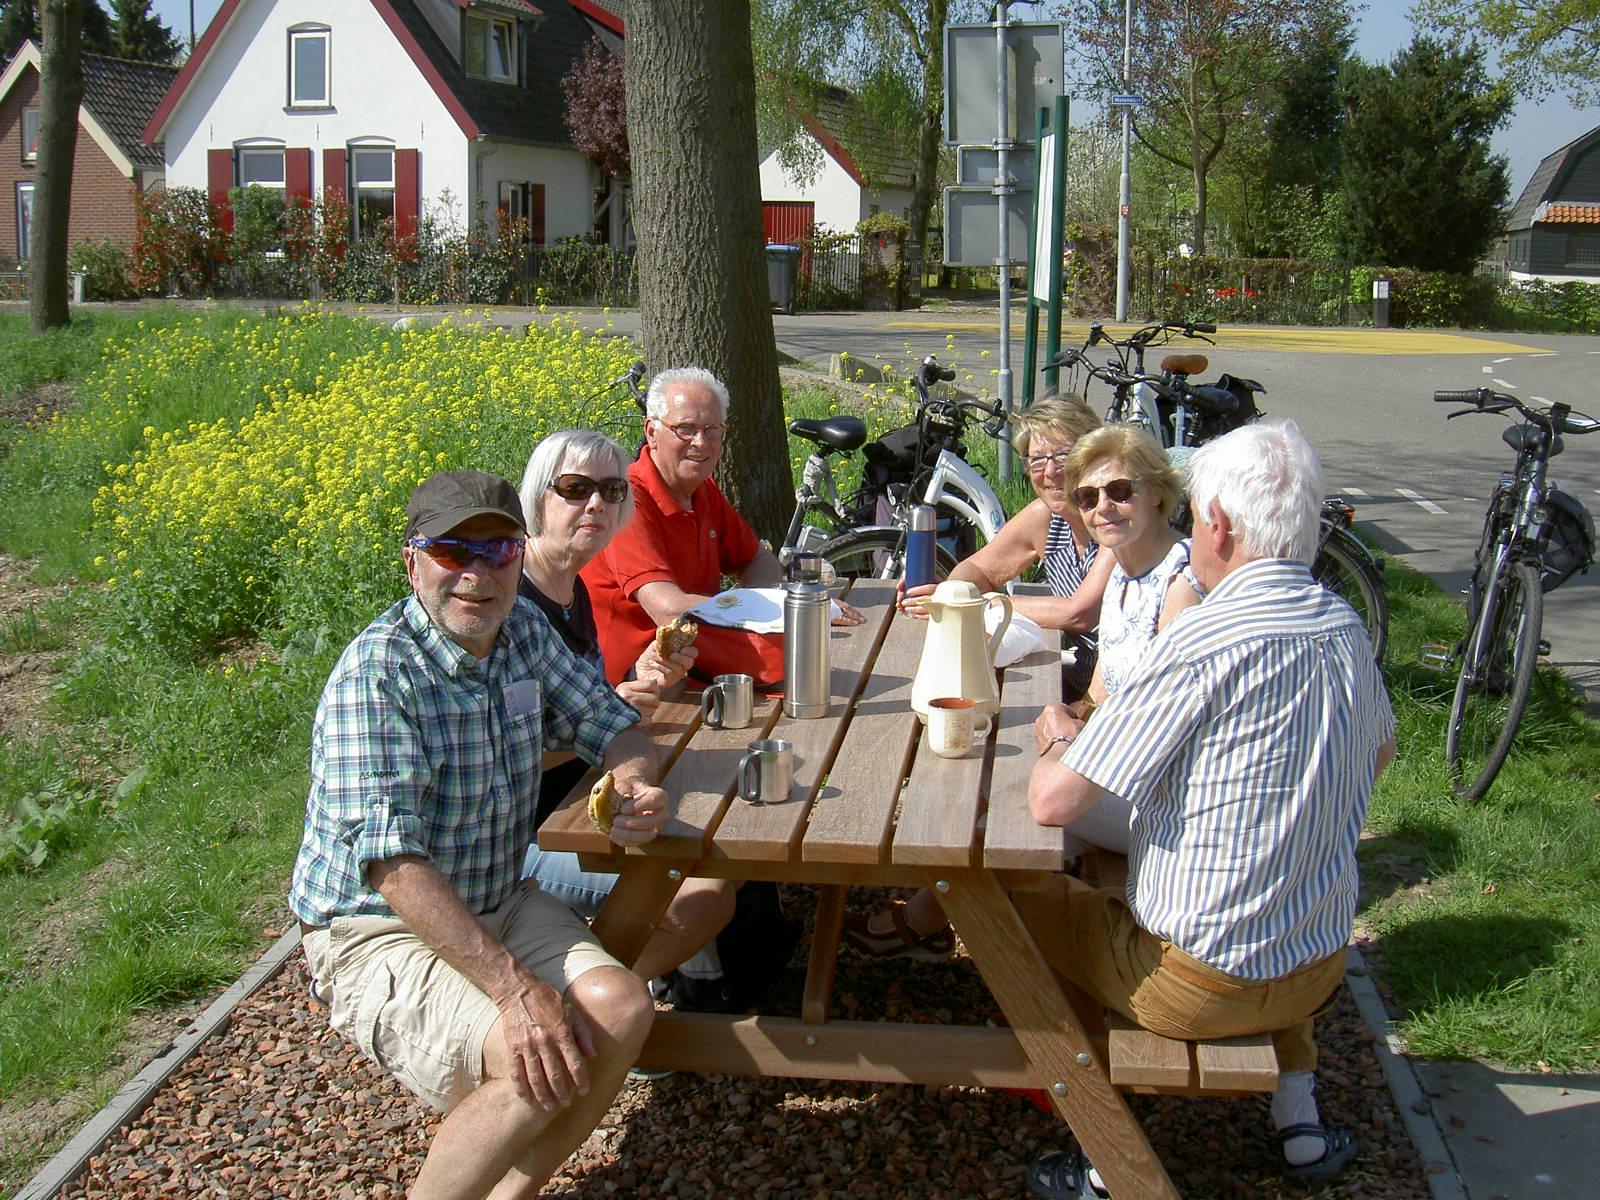 picknicktafel van hardhout voor projecten